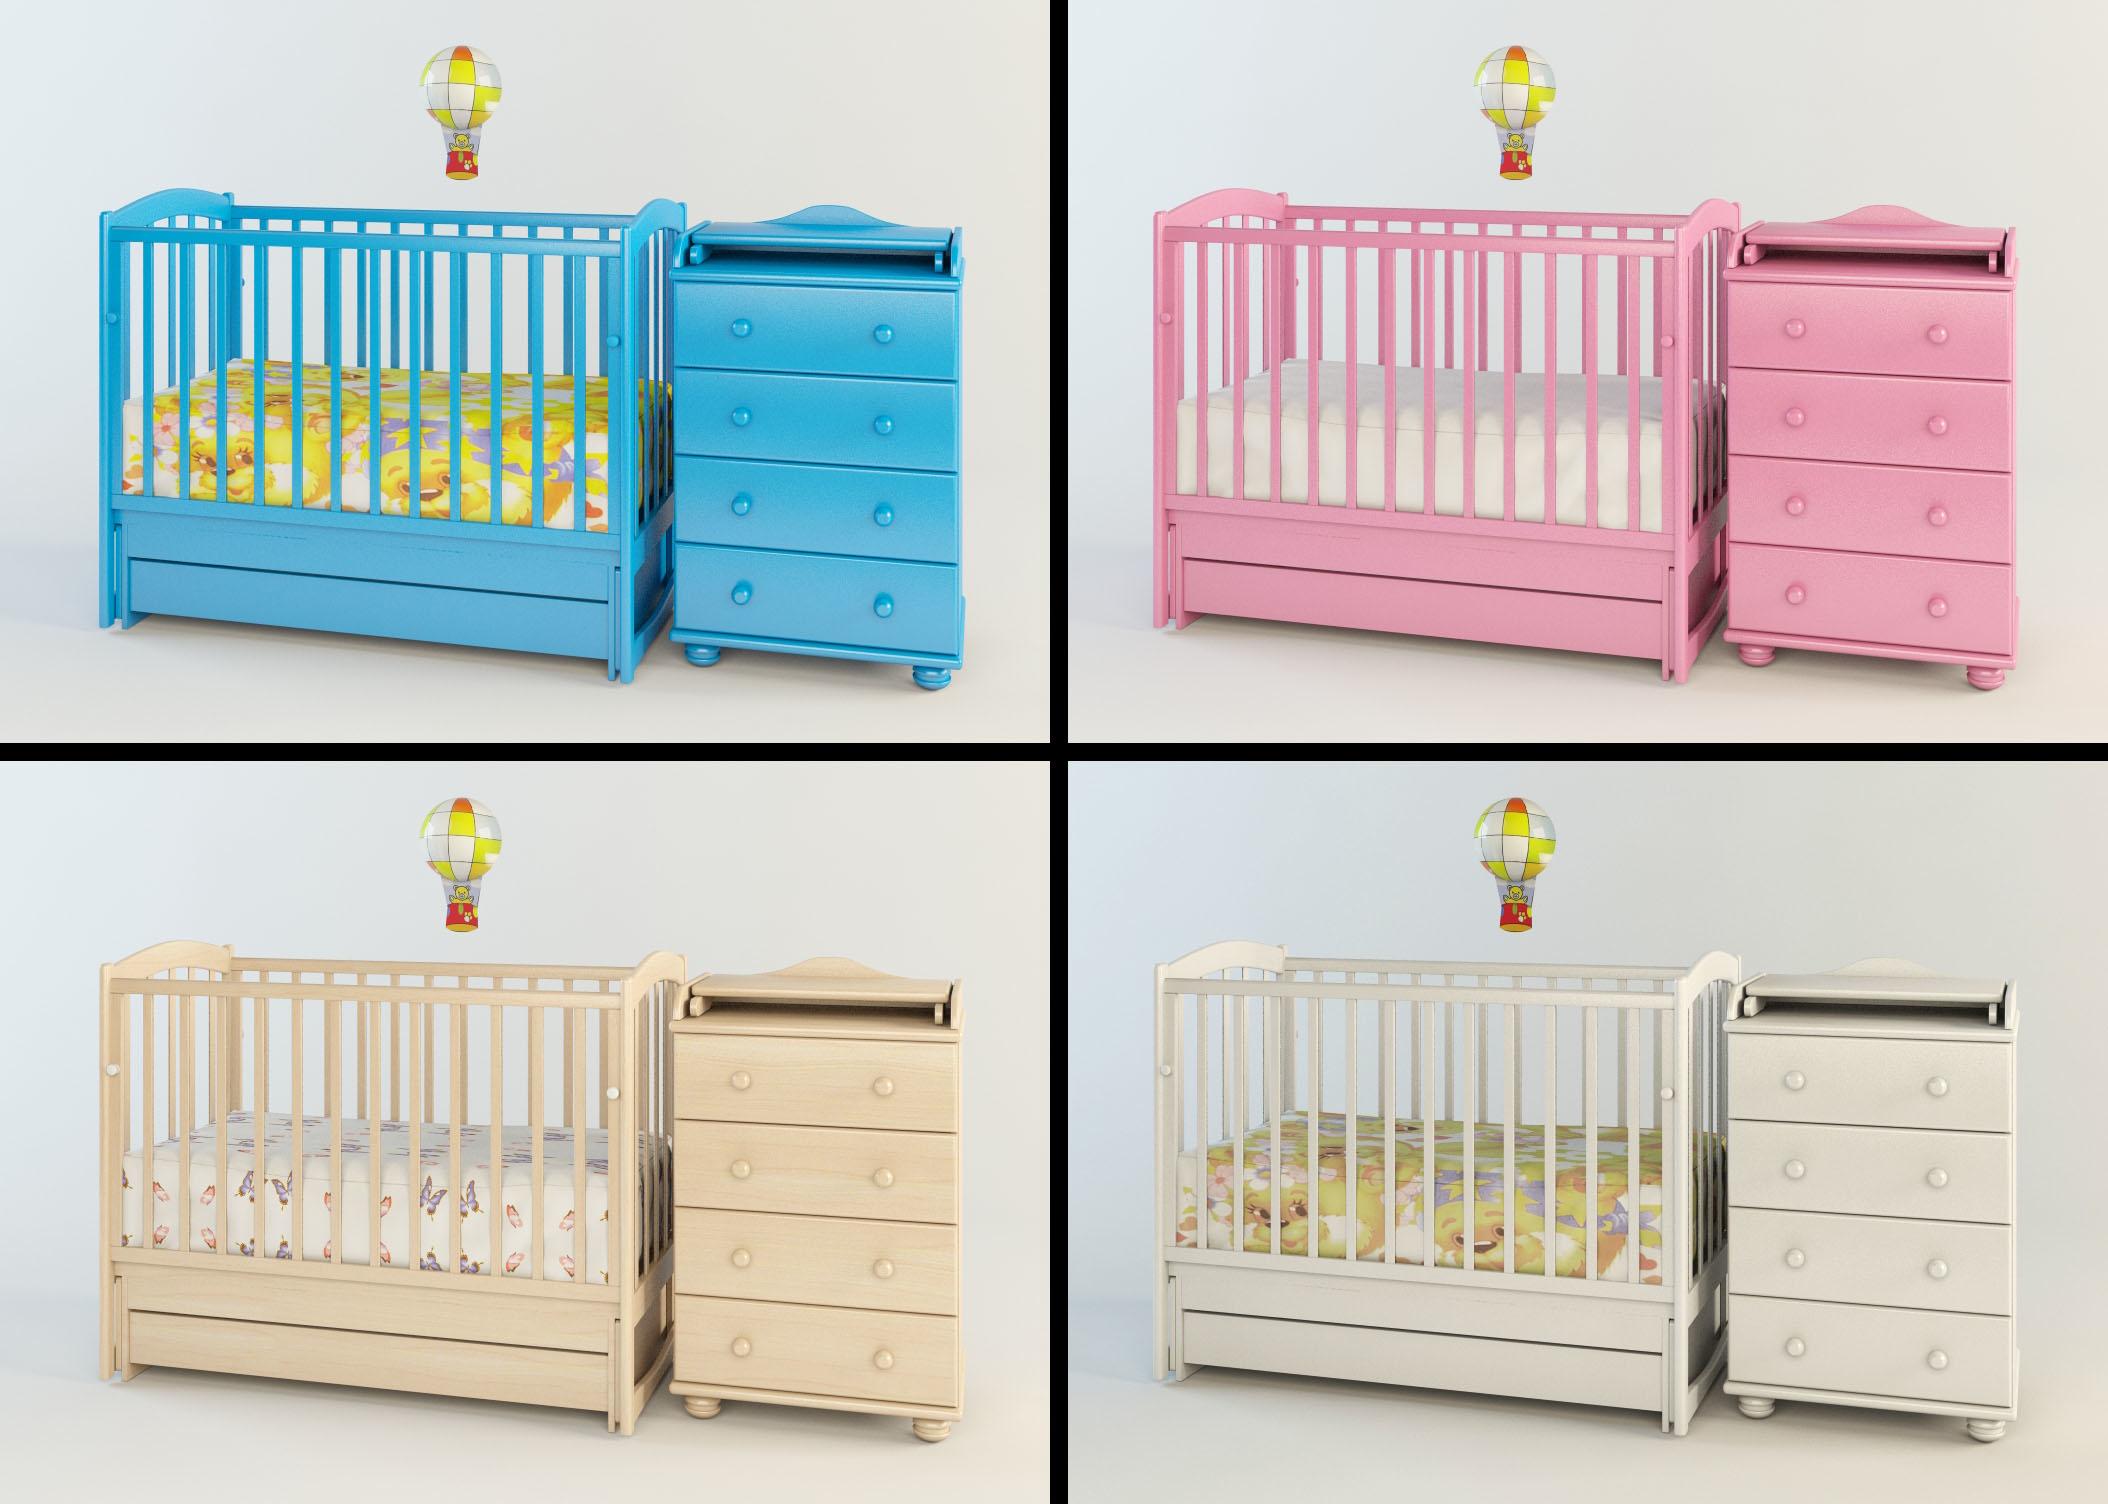 Ensemble de mobilier de chambre bébé: lit avec commode et babylamp